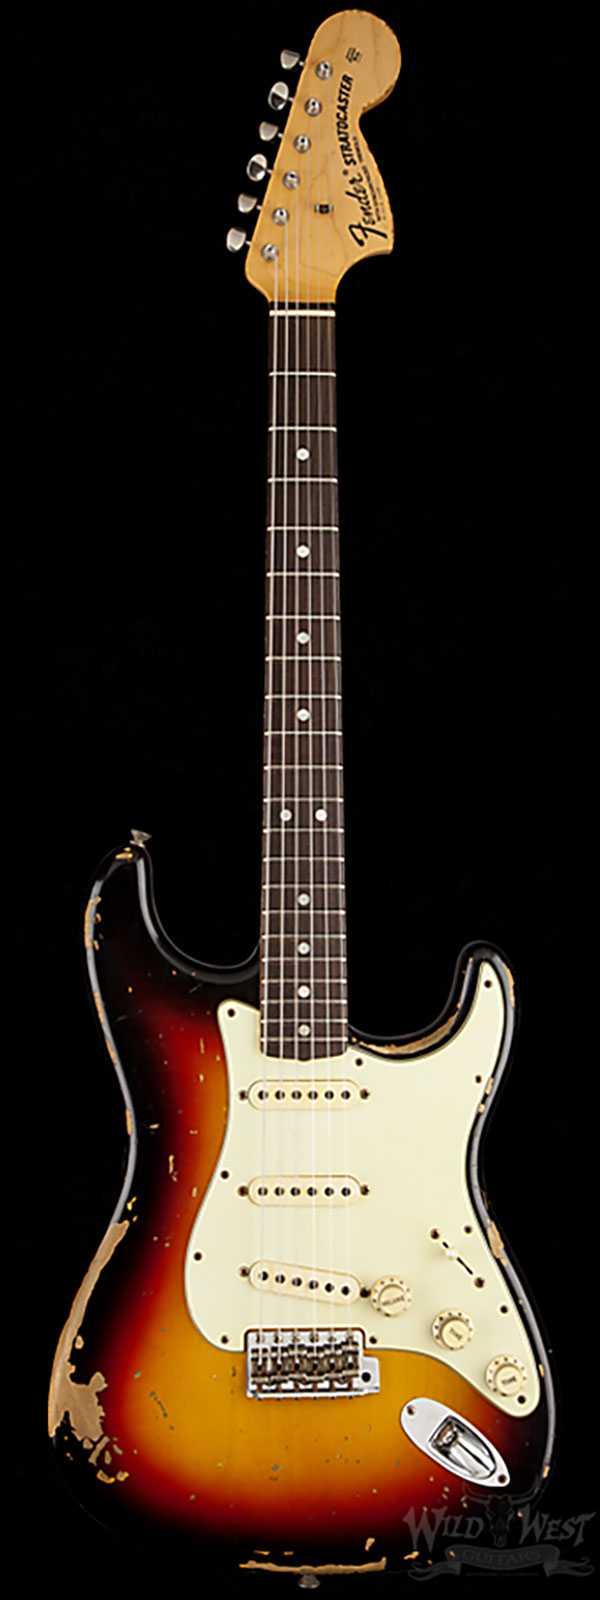 Fender CS Michael Landau Signature 68 Relic Stratocaster 3 Tone Sunburst